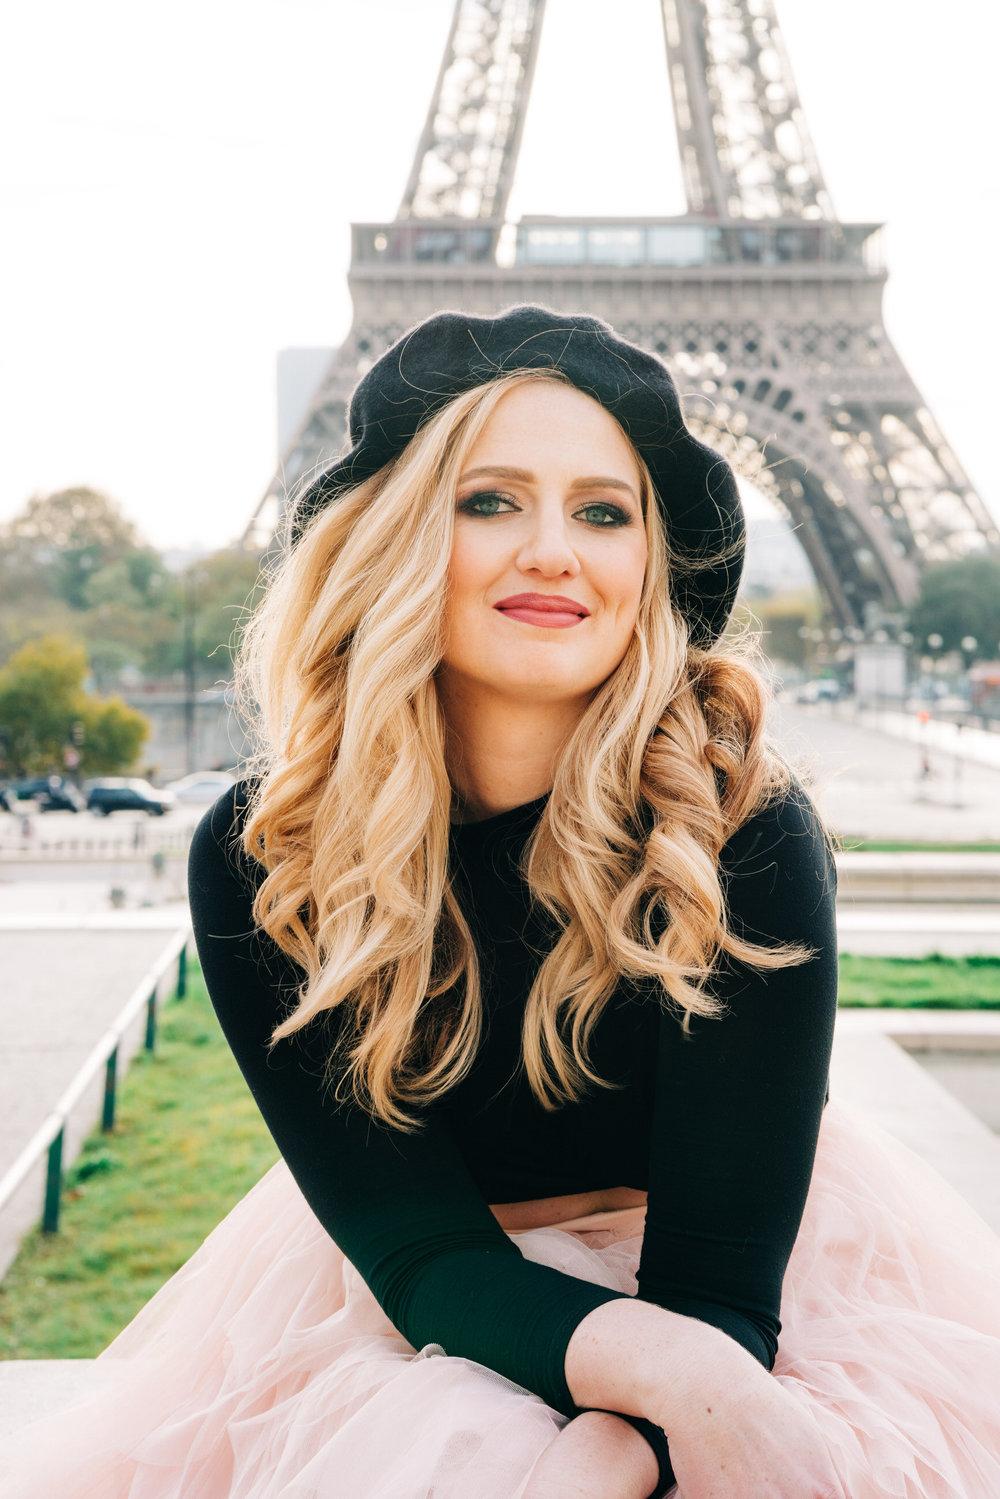 paris dream photo shoot for women with picture me paris